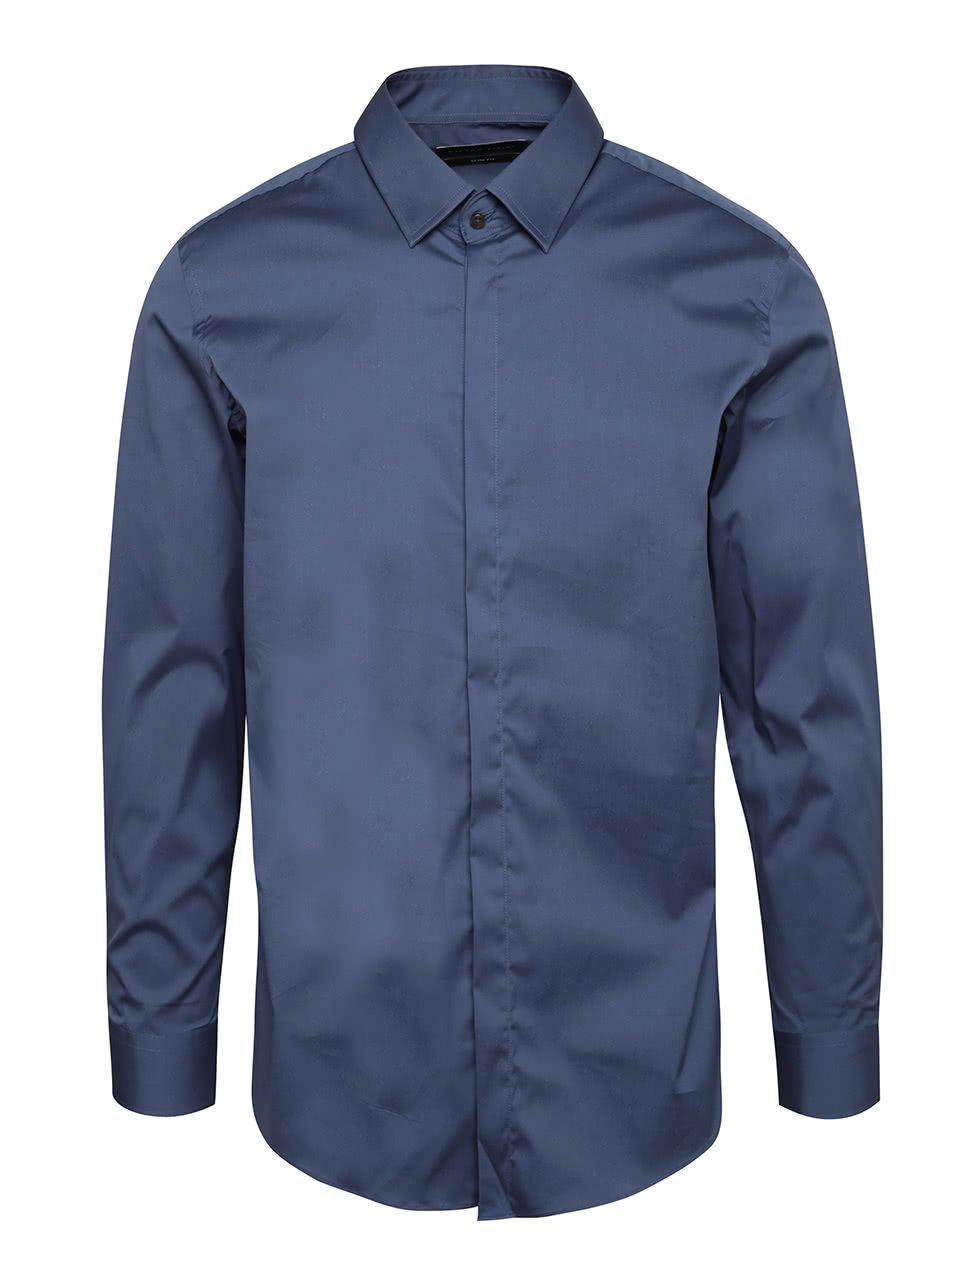 Modrá pánská formální slim fit košile Pietro Filipi